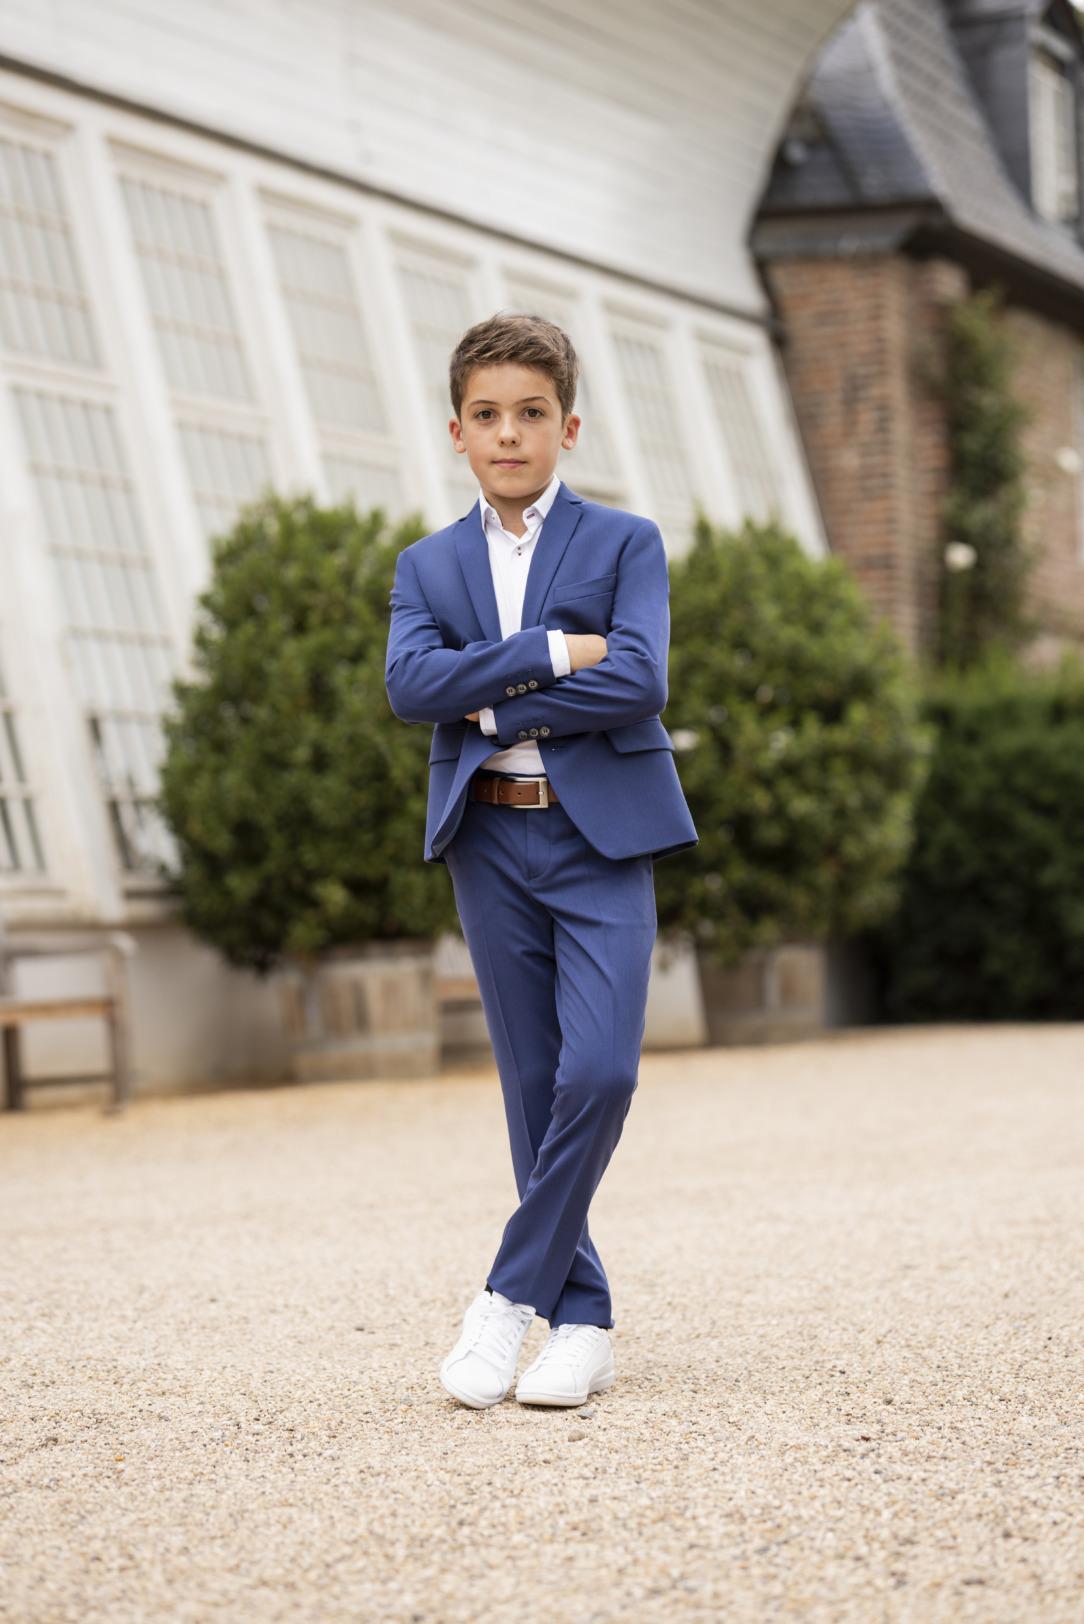 Moderner blauer Kommunionanzug für Jungen von Weise Junior - Modell 7517951. Top modisch - Super sportliches Outfit: Der mittelblaue Kommunionanzug kombiniert mit weißen Turnschuhen.